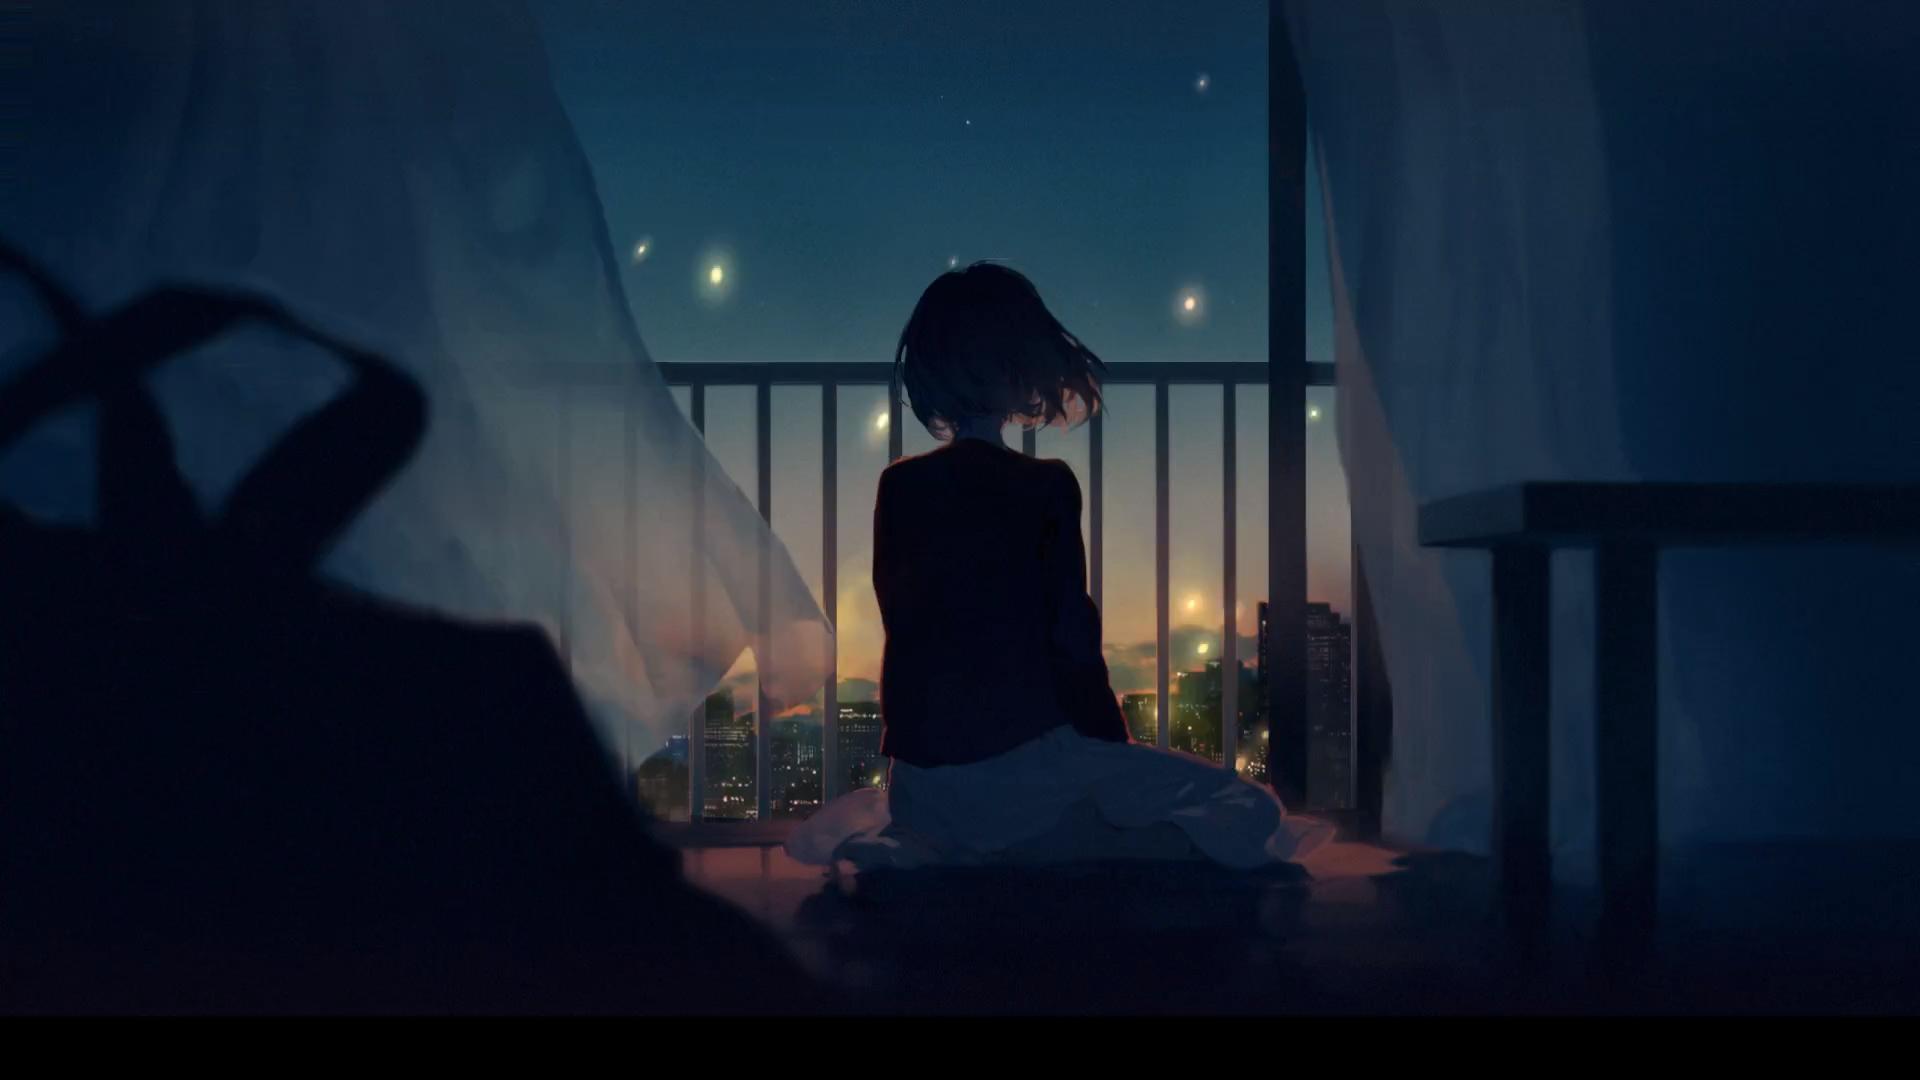 Silent Voice Koe No Katachi Anime Wallpaper Anime